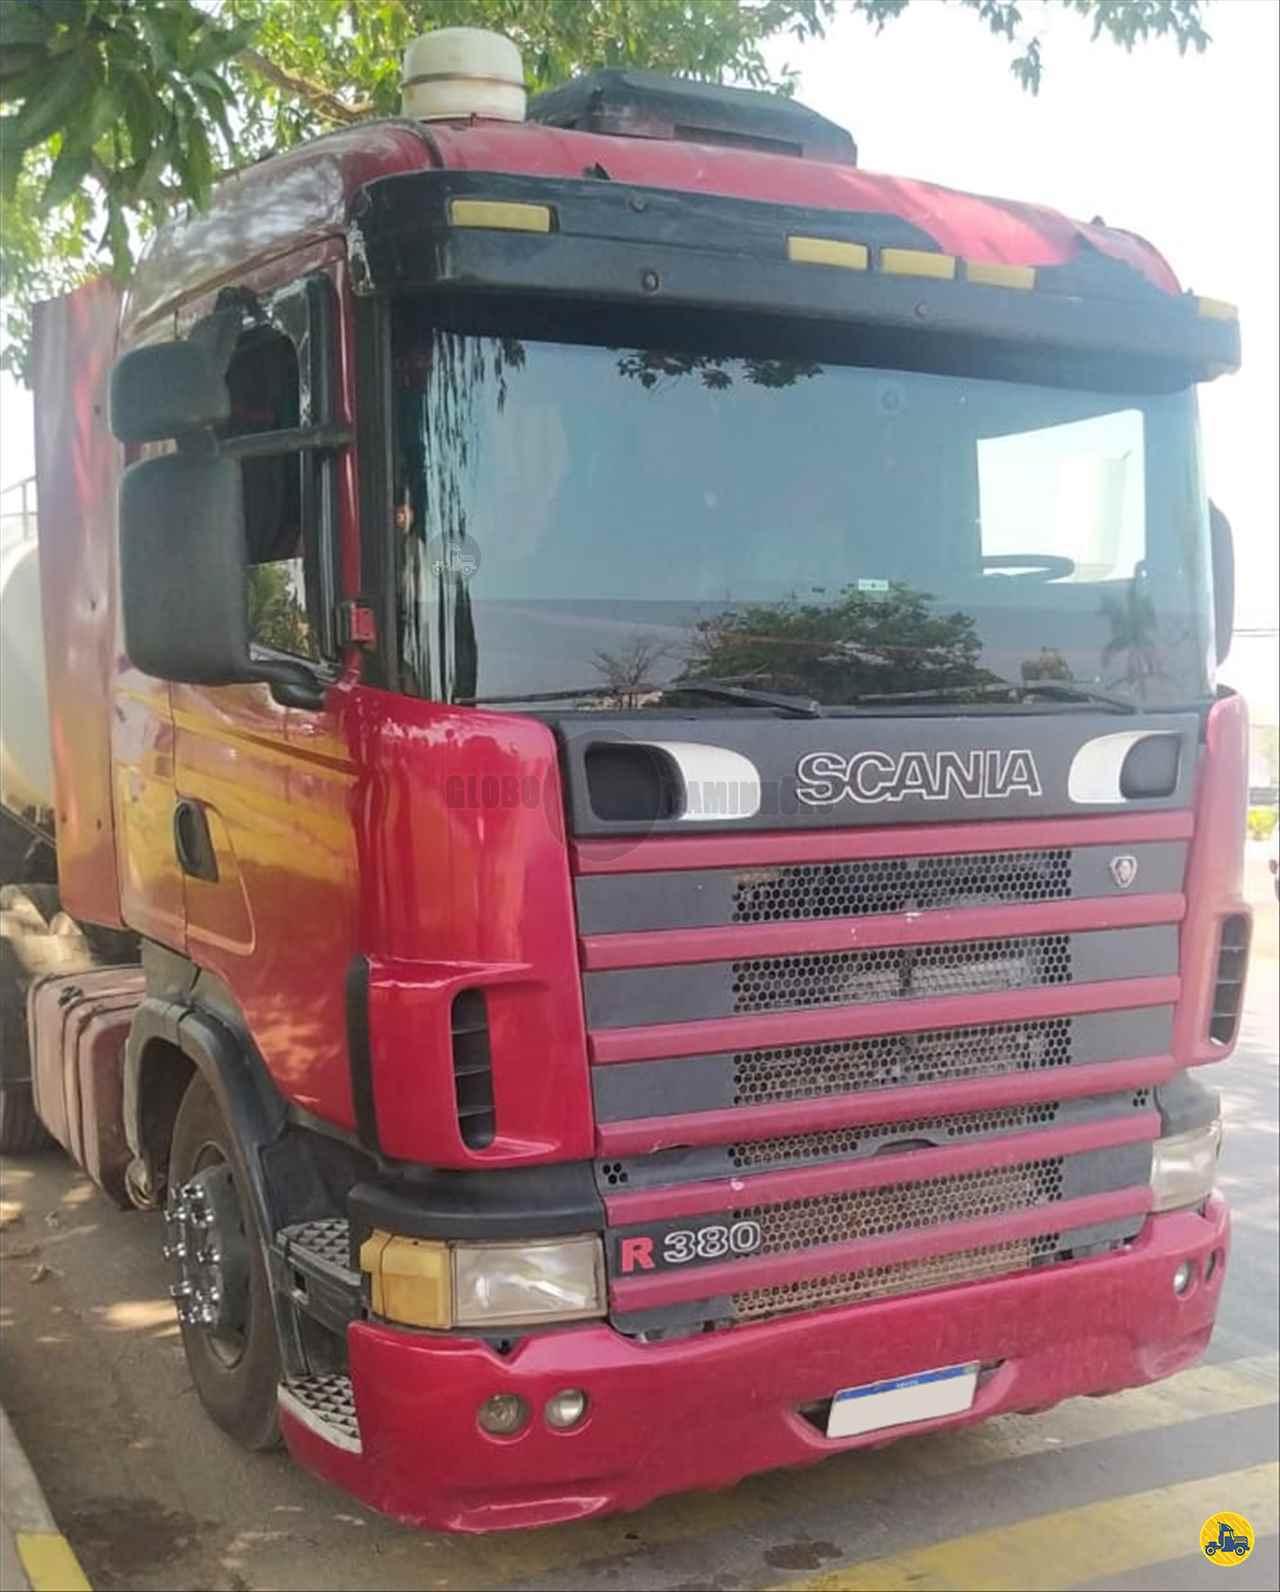 CAMINHAO SCANIA SCANIA 114 380 Cavalo Mecânico Truck 6x2 Globo Caminhões Helio Maringá MARINGA PARANÁ PR